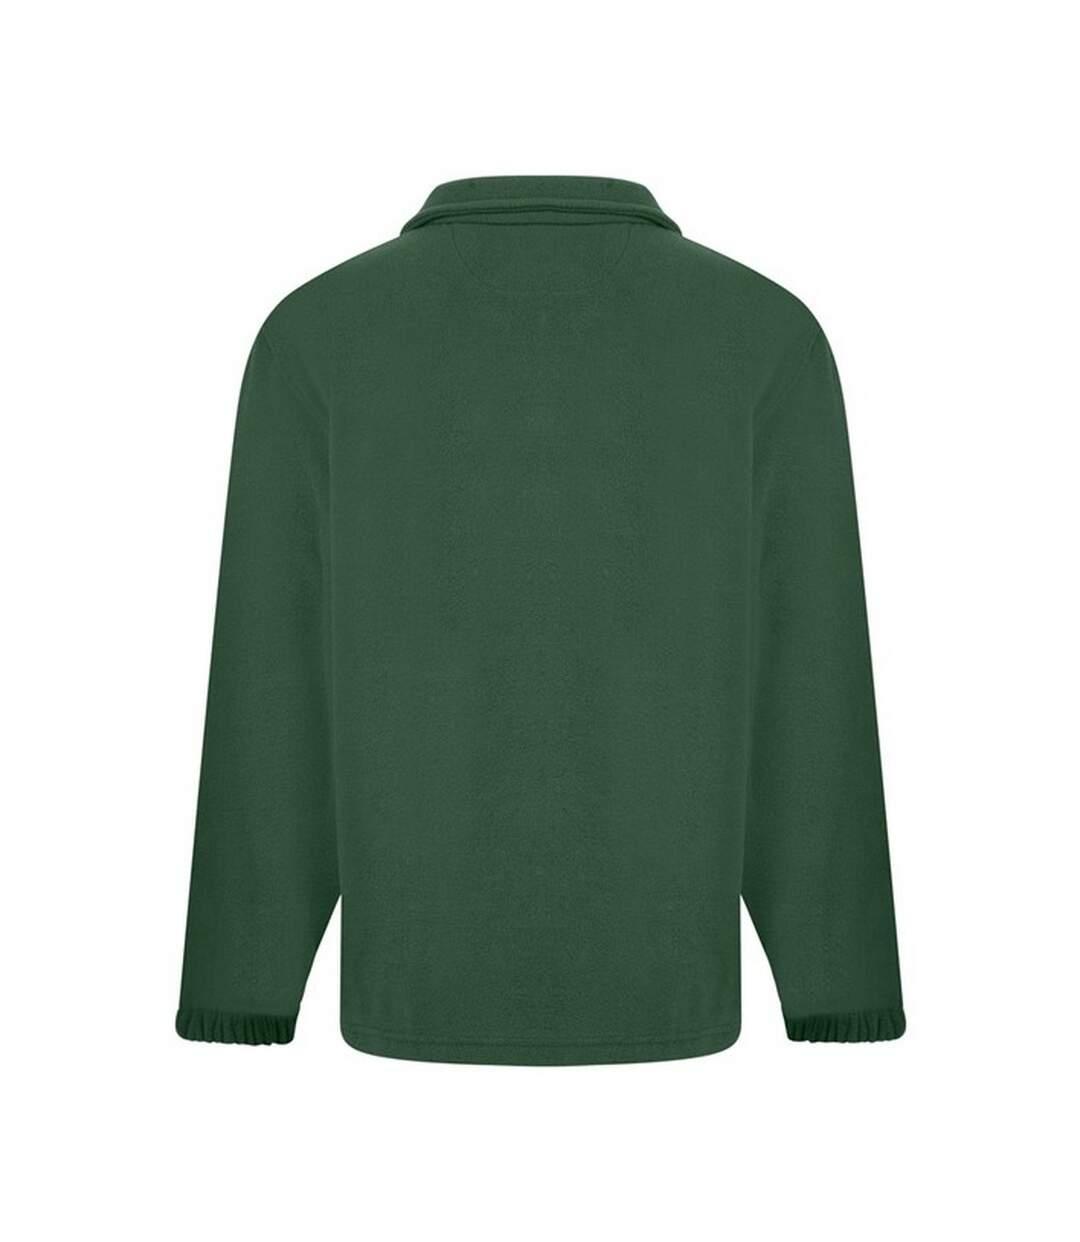 Absolute Apparel Heritage Full Zip Fleece (Bottle) - UTAB128